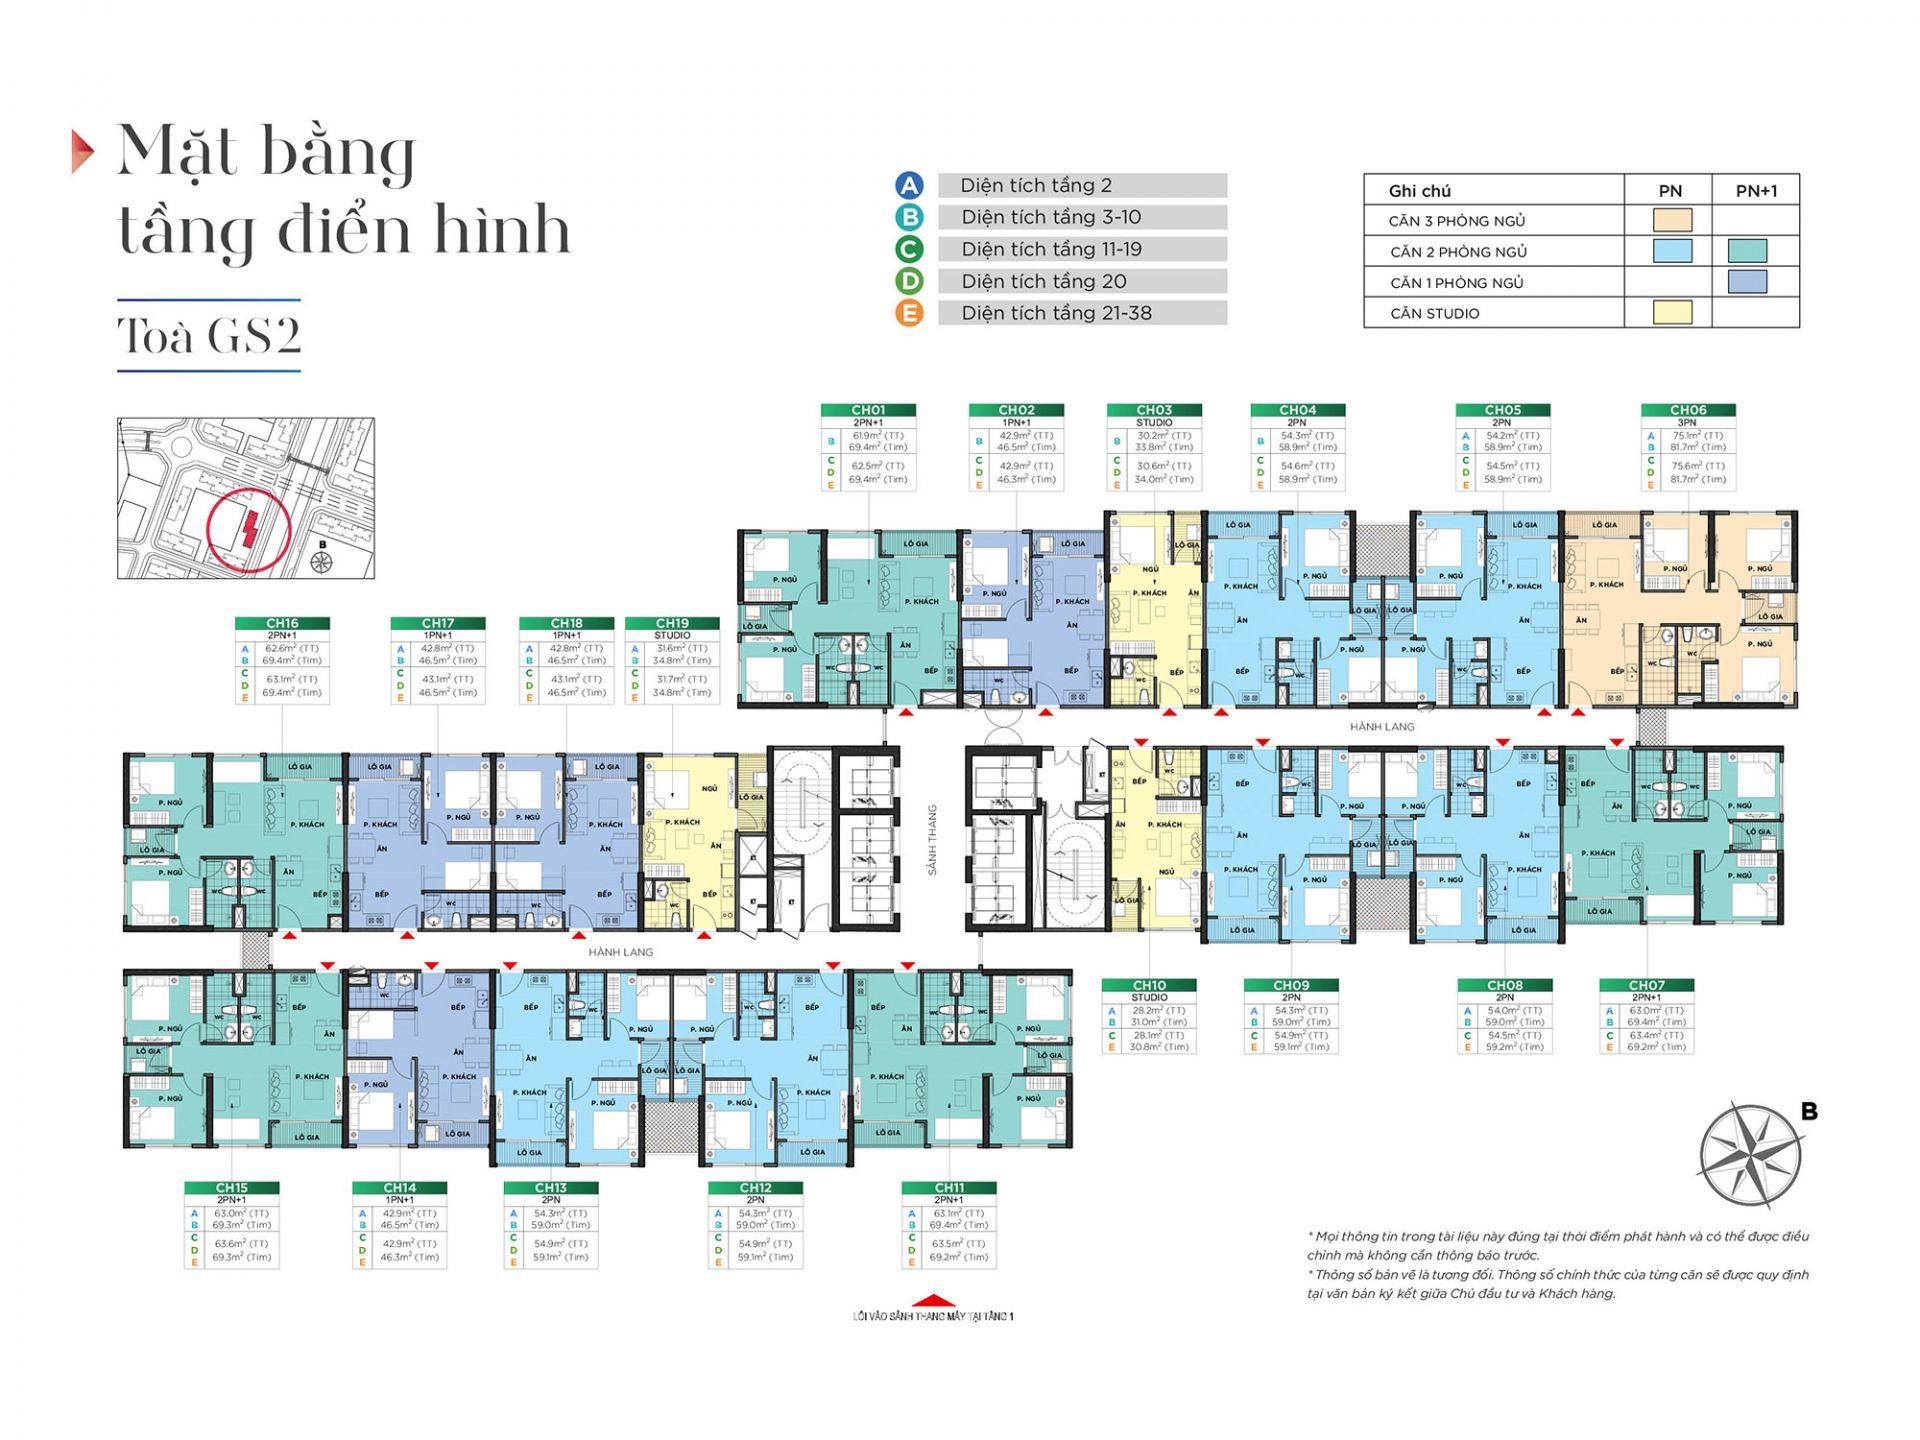 Mặt bằng tầng điển hình tòa GS2 Vinhomes Smart City.